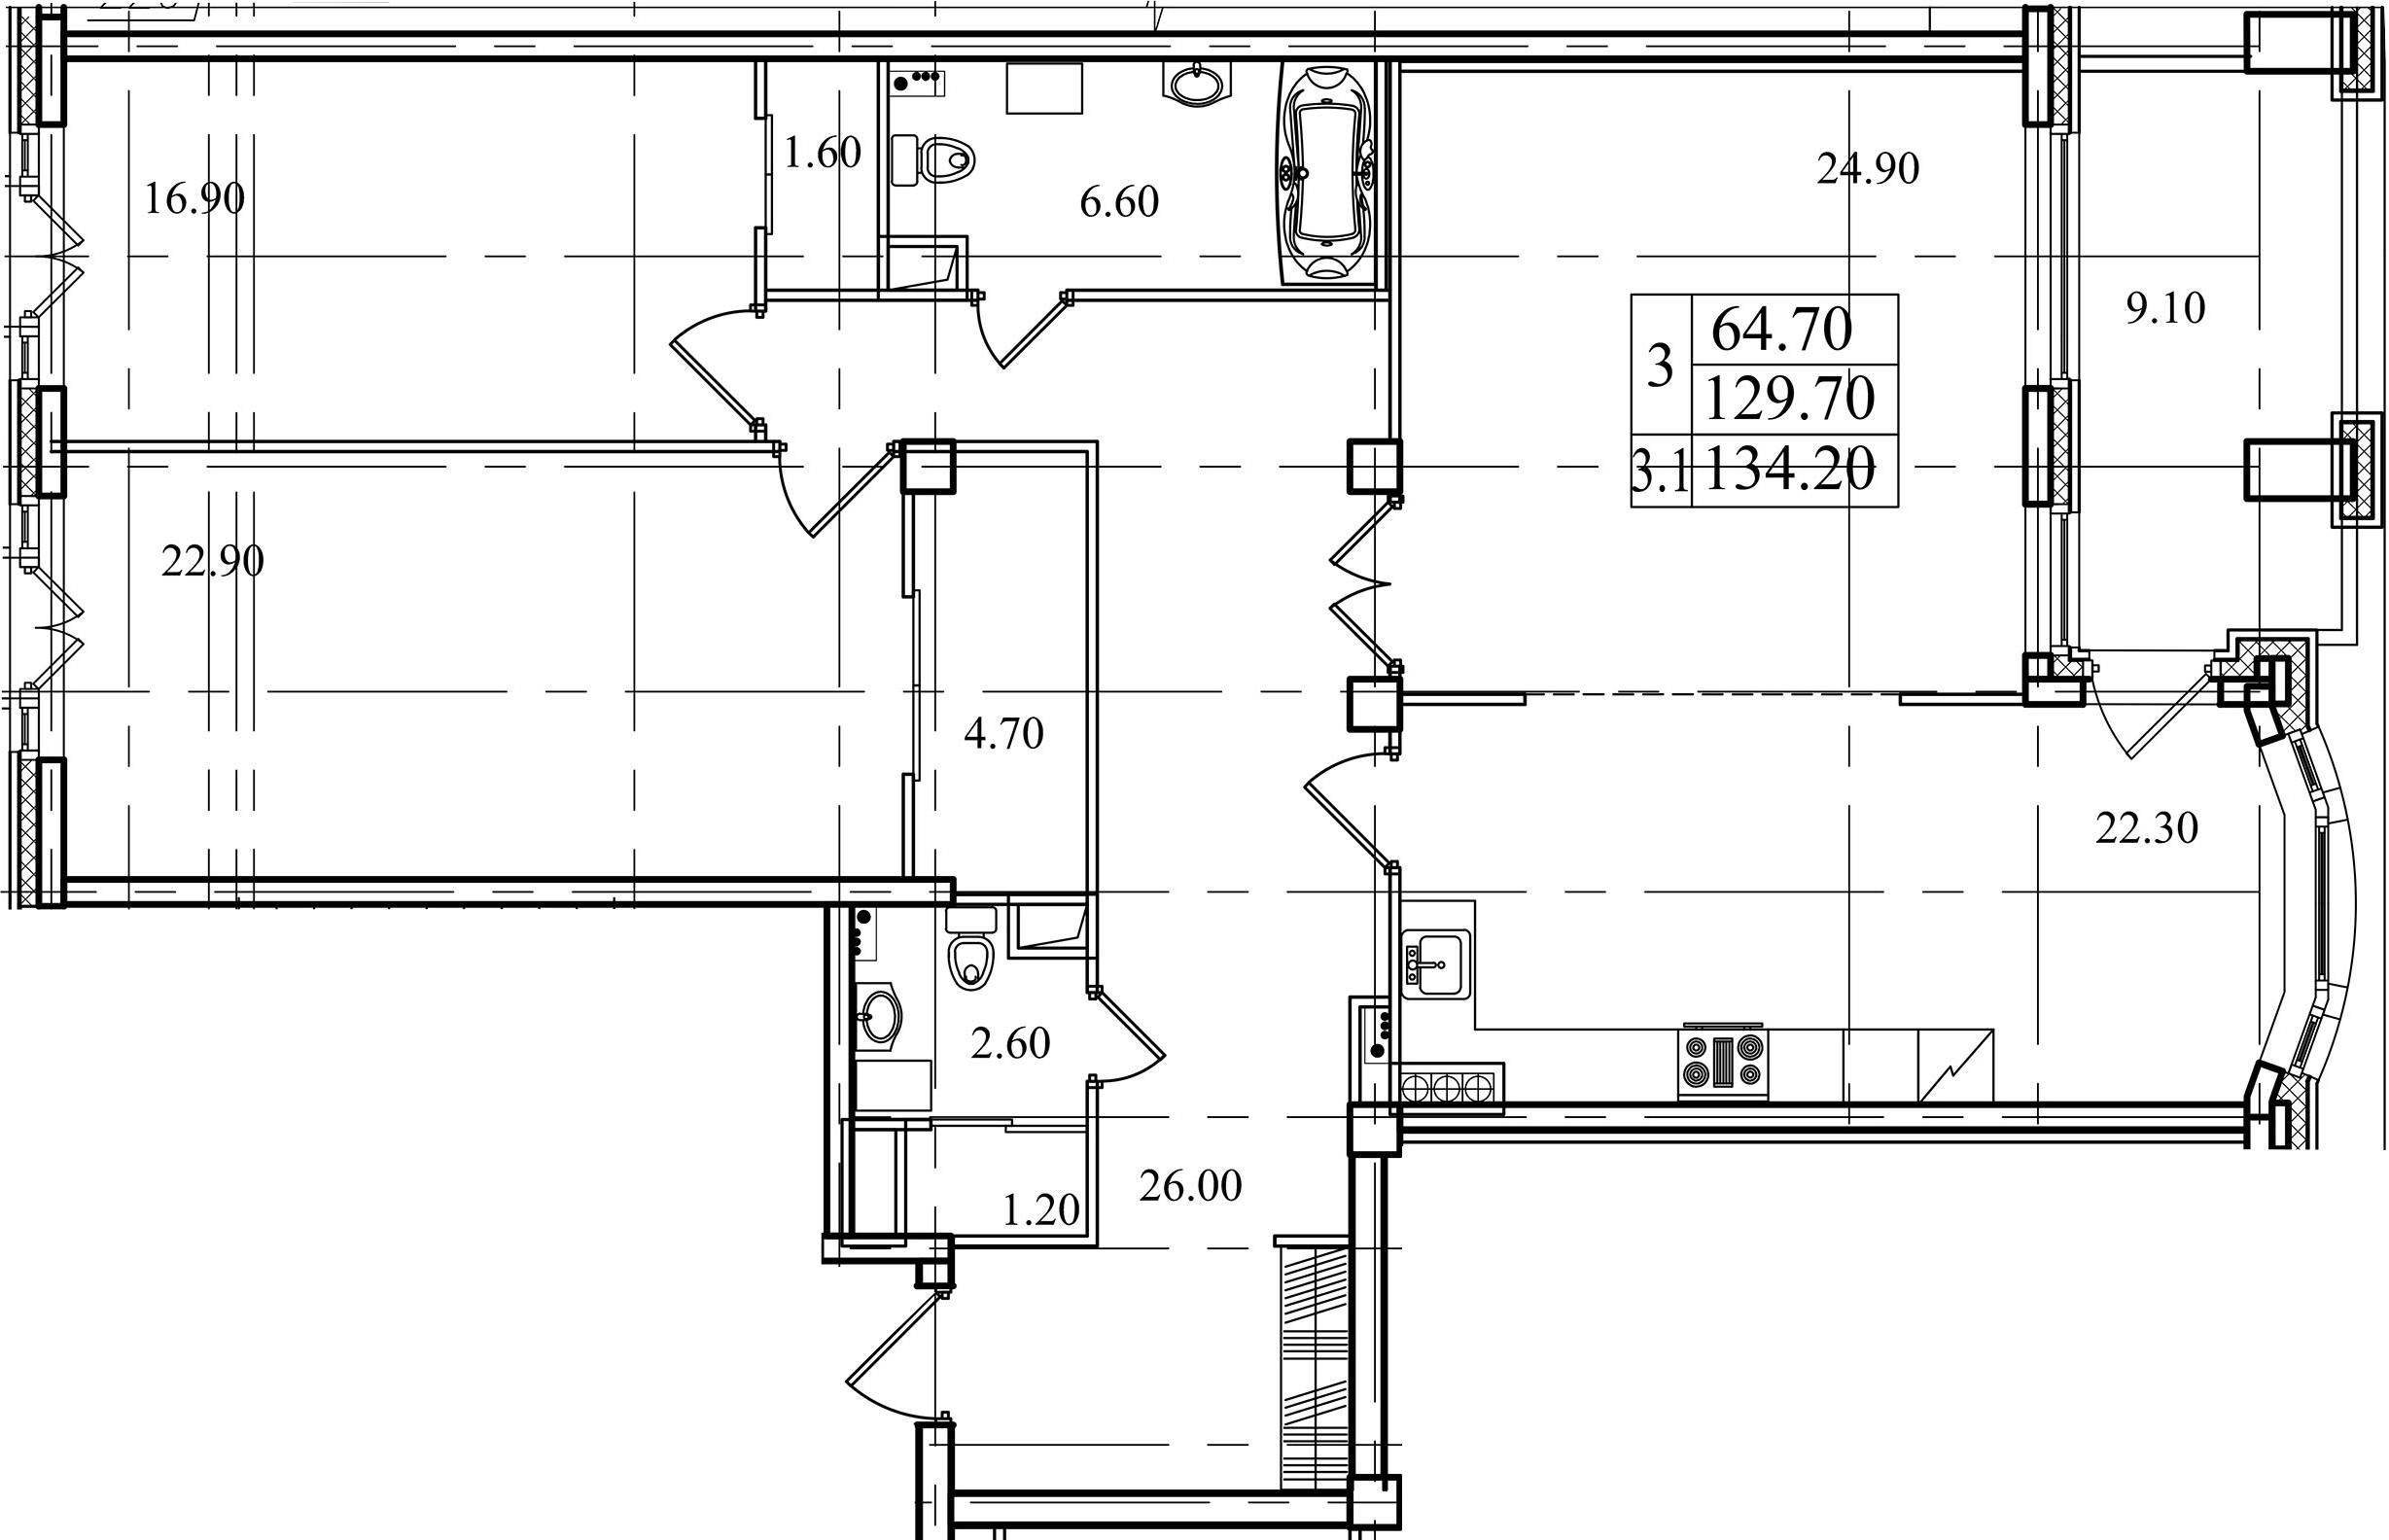 3-комнатная, 129.7 м²– 2